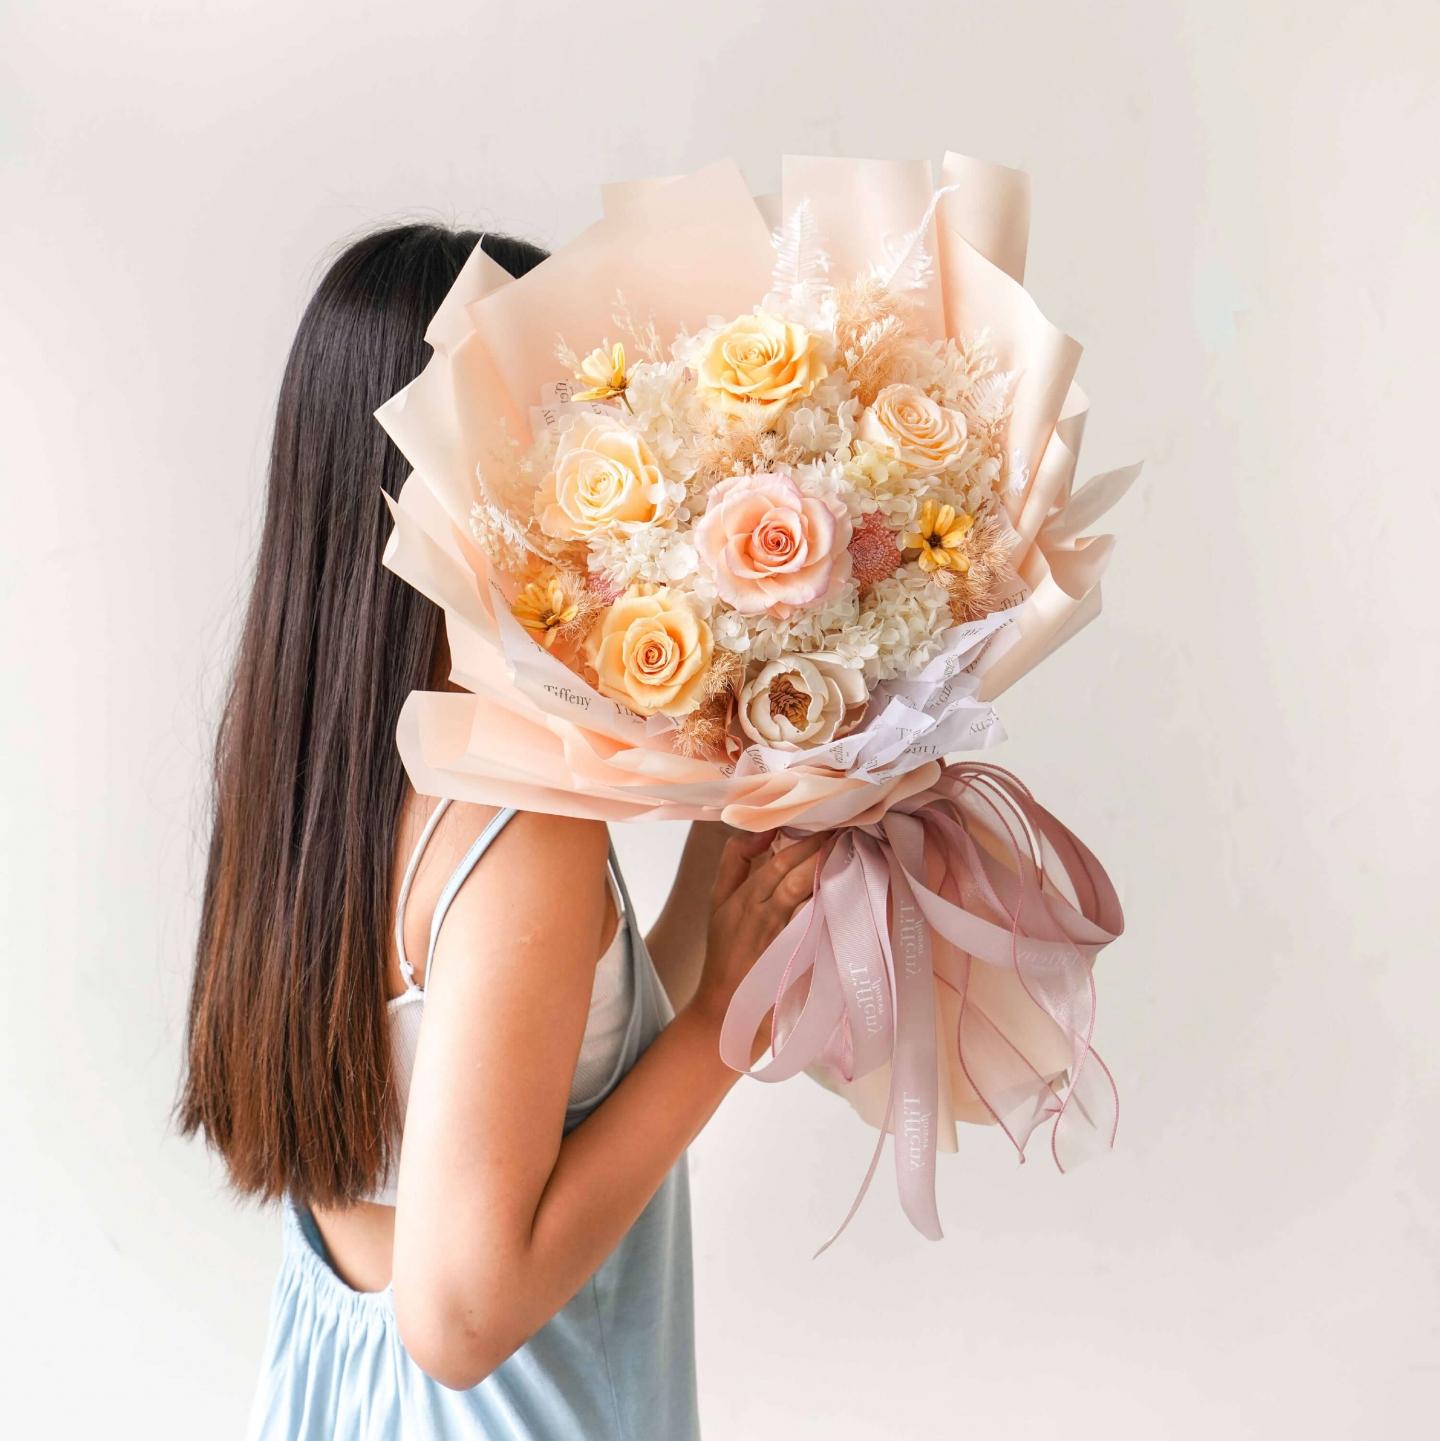 台中花店-永生花束-乾燥花束-情人節花束